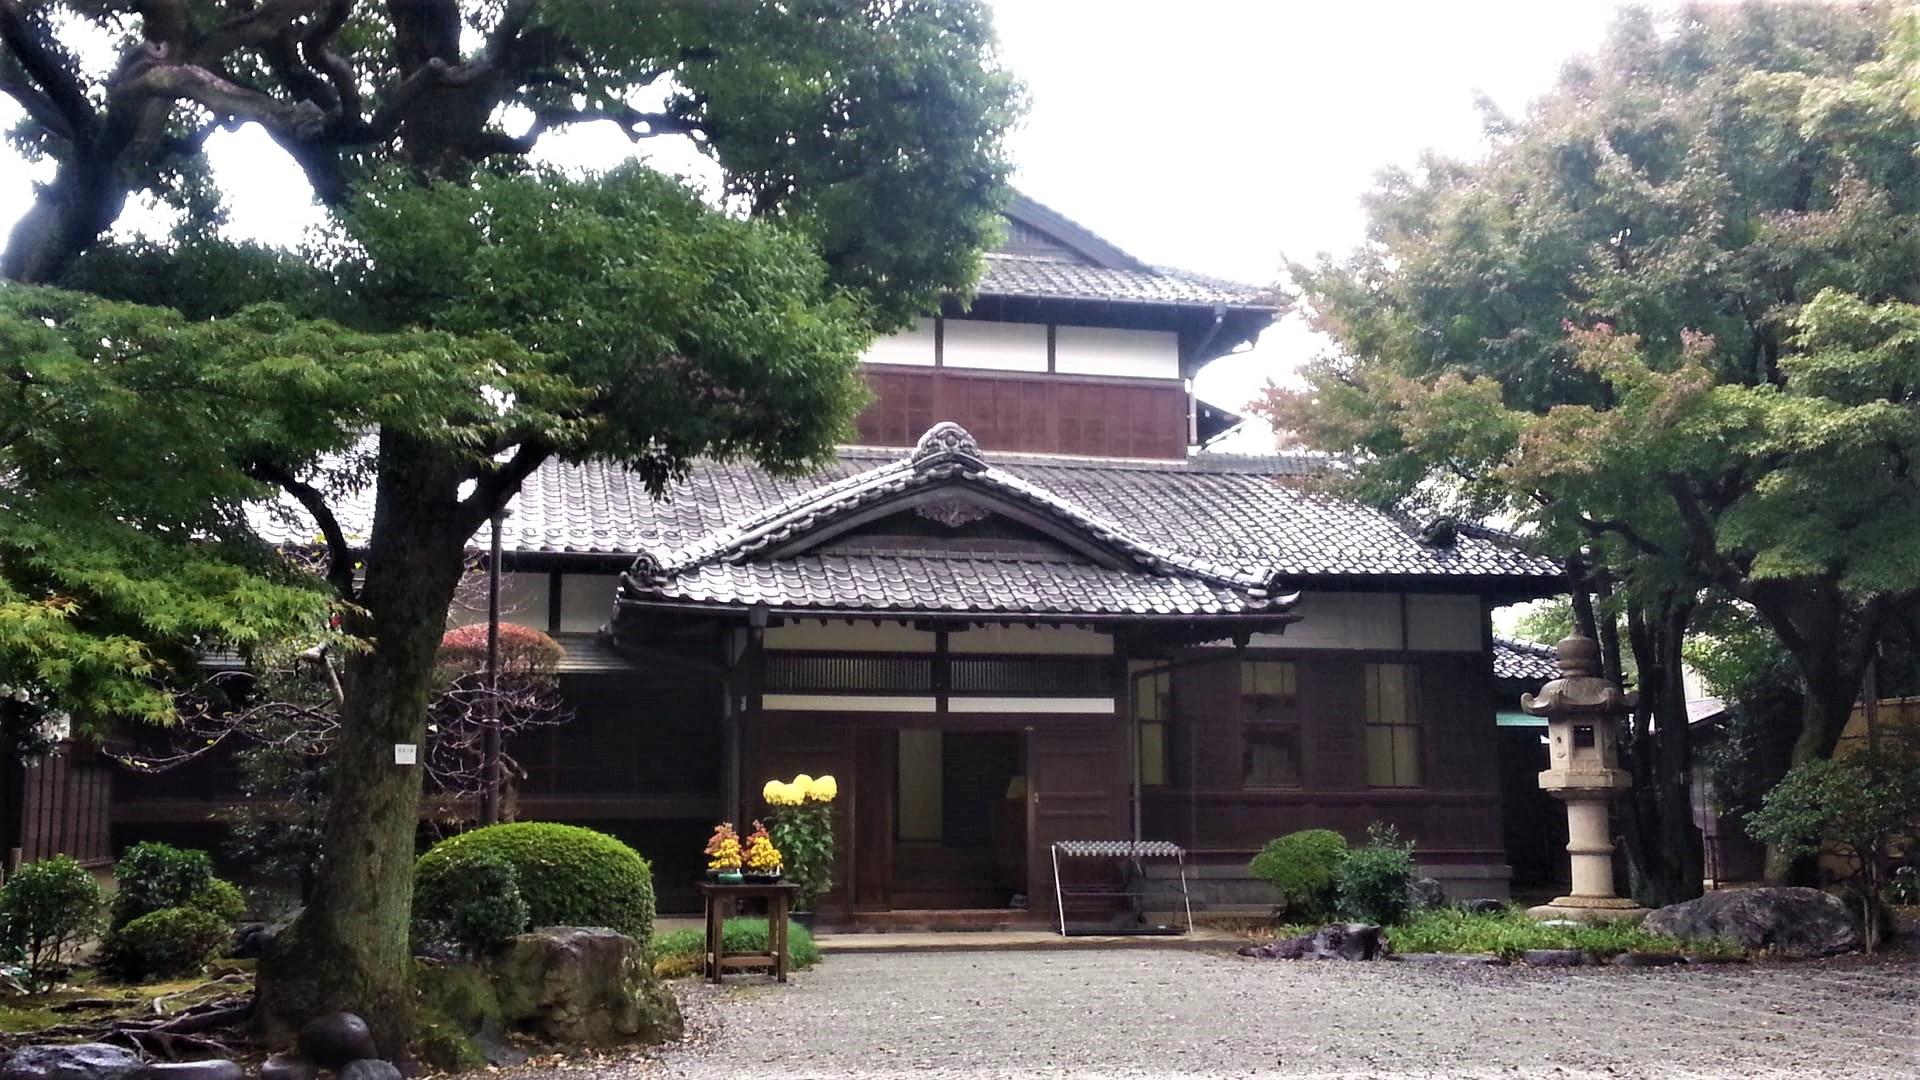 shibuya walking tour asakura mansion